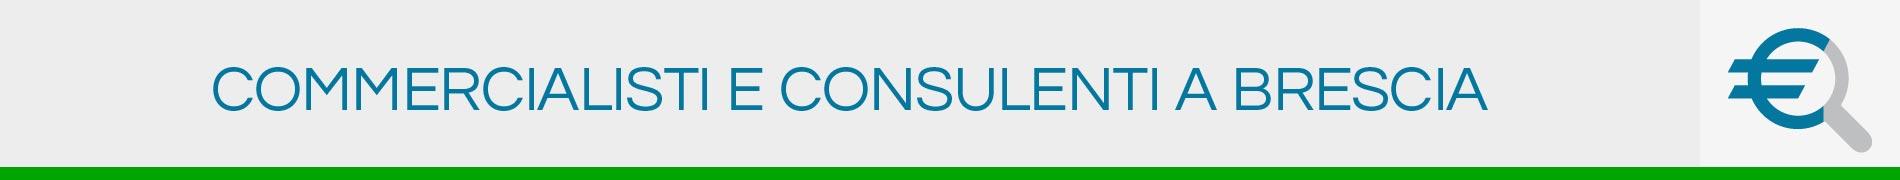 Commercialisti e Consulenti a Brescia